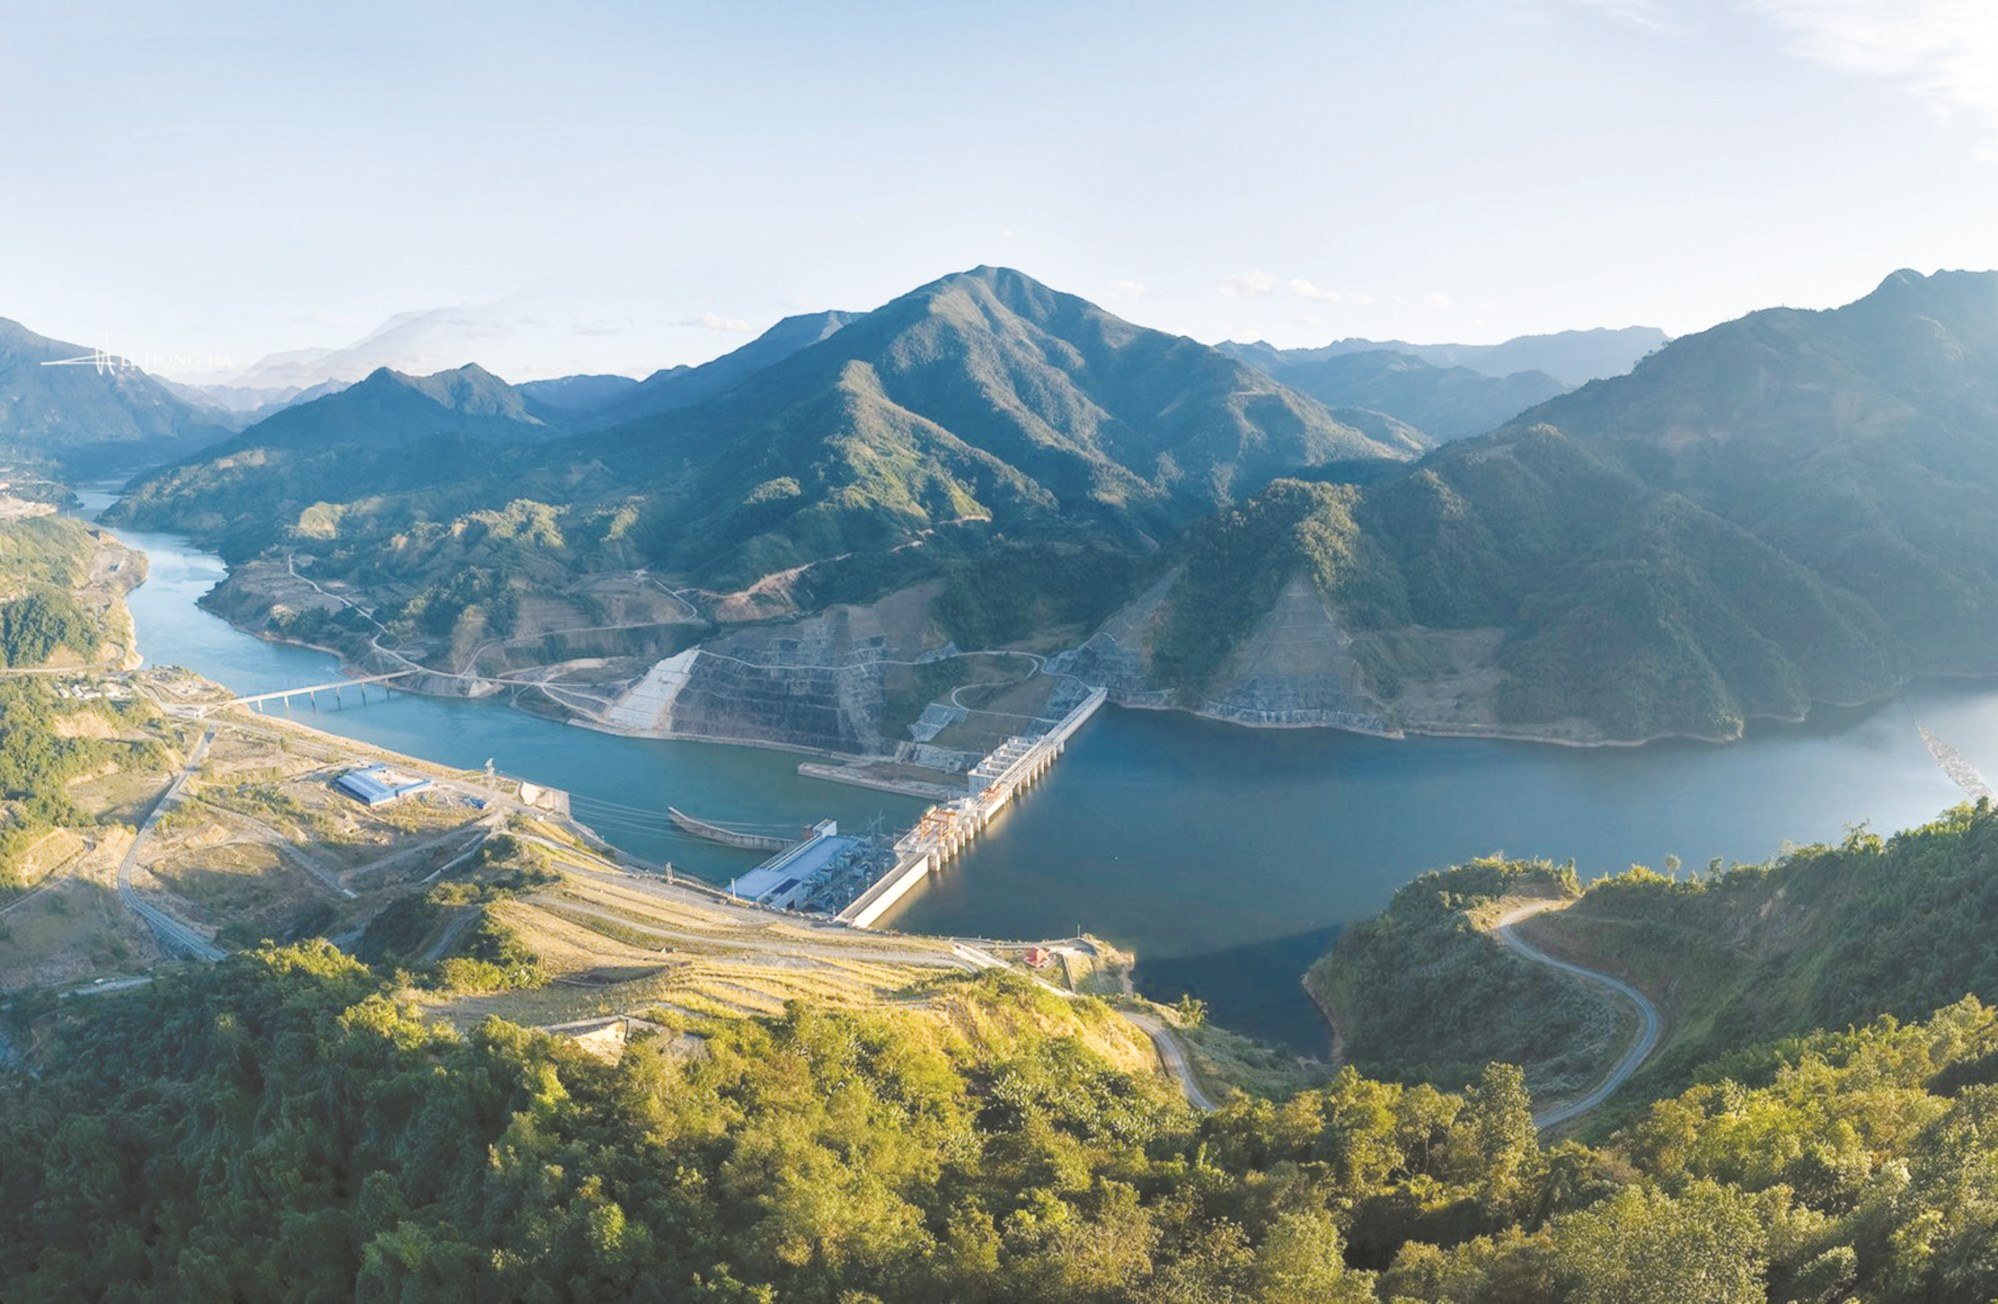 Rừng và thủy điện là nguồn tài nguyên quý giá, góp phần phát triển kinh tế - xã hội khu vực Tây Bắc.